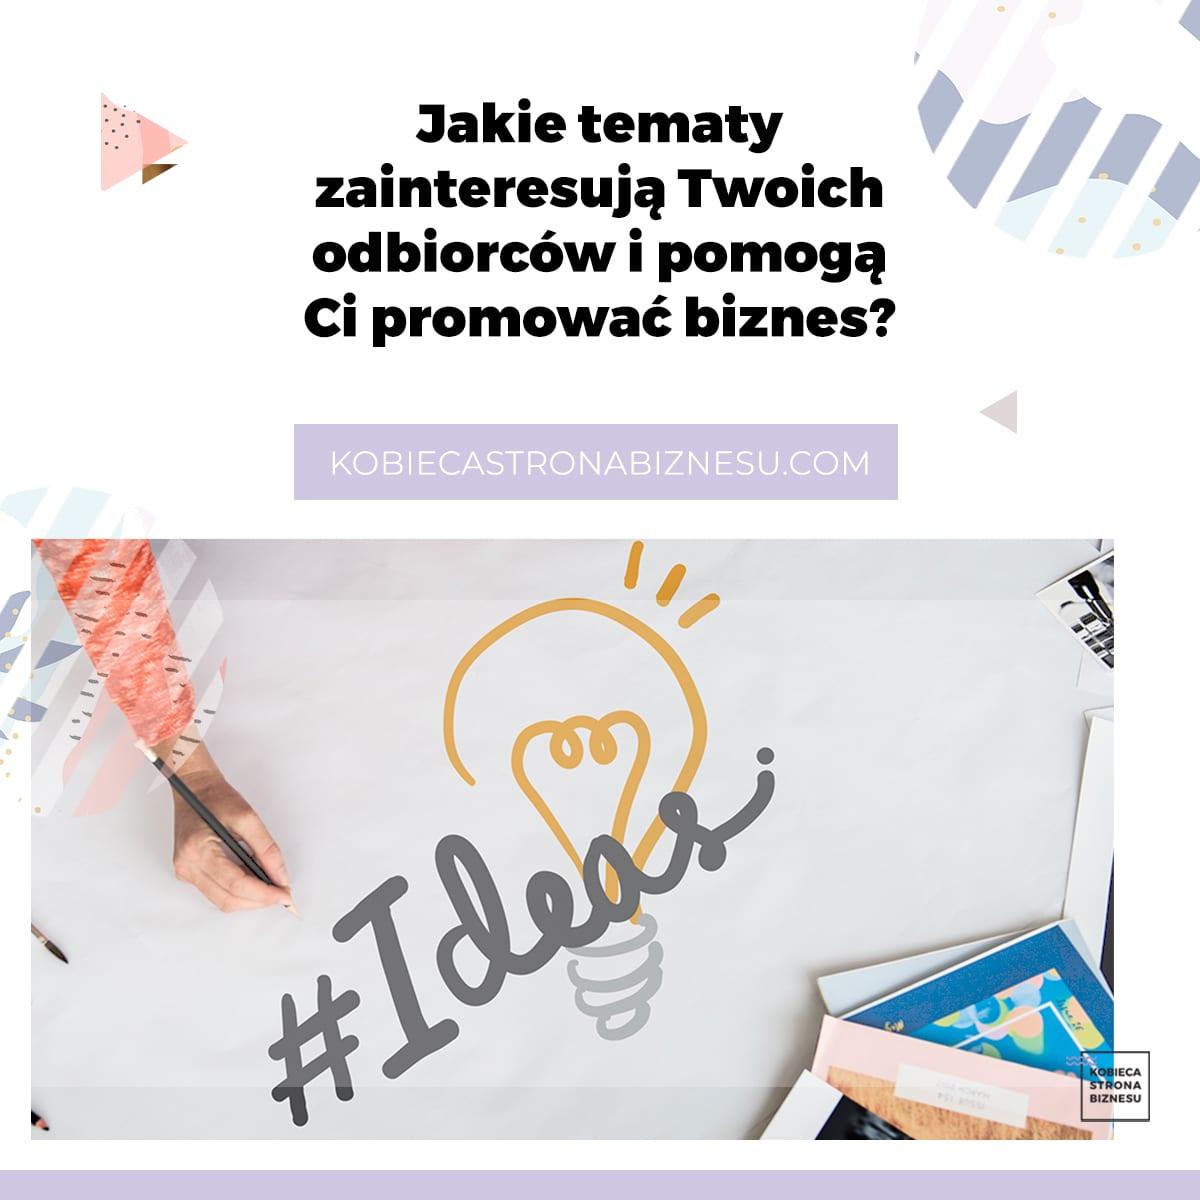 O czym pisać, tematy w social media, content, tworzenie treści - od czego zacząć promocję małej firmy, komunikacja, marka, kobieca marka - Kobieca Strona Biznesu